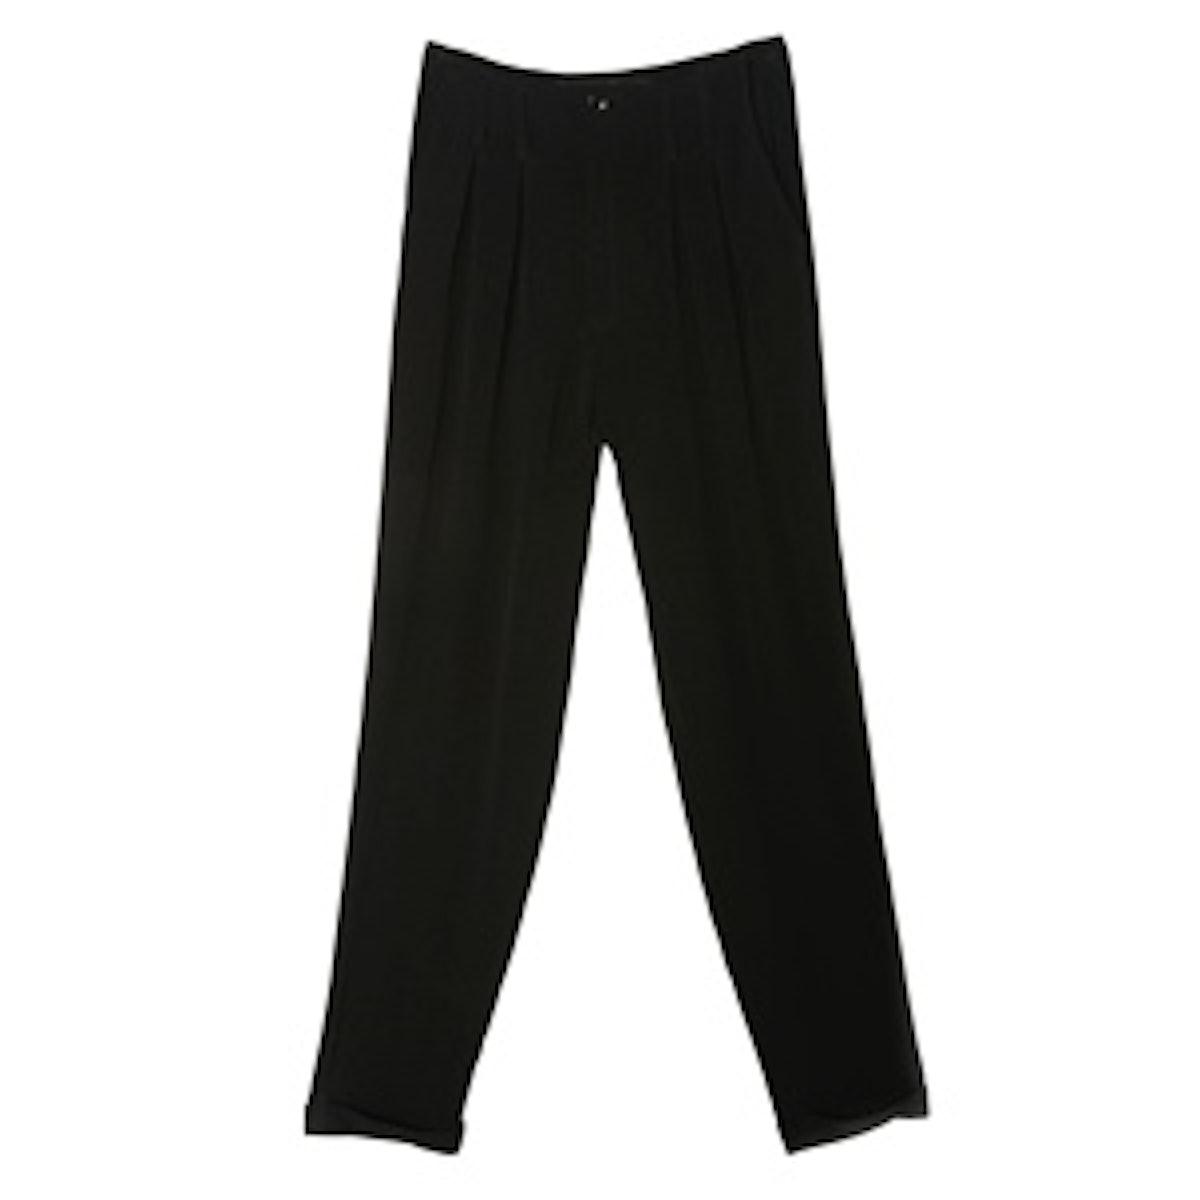 Noir Trousers